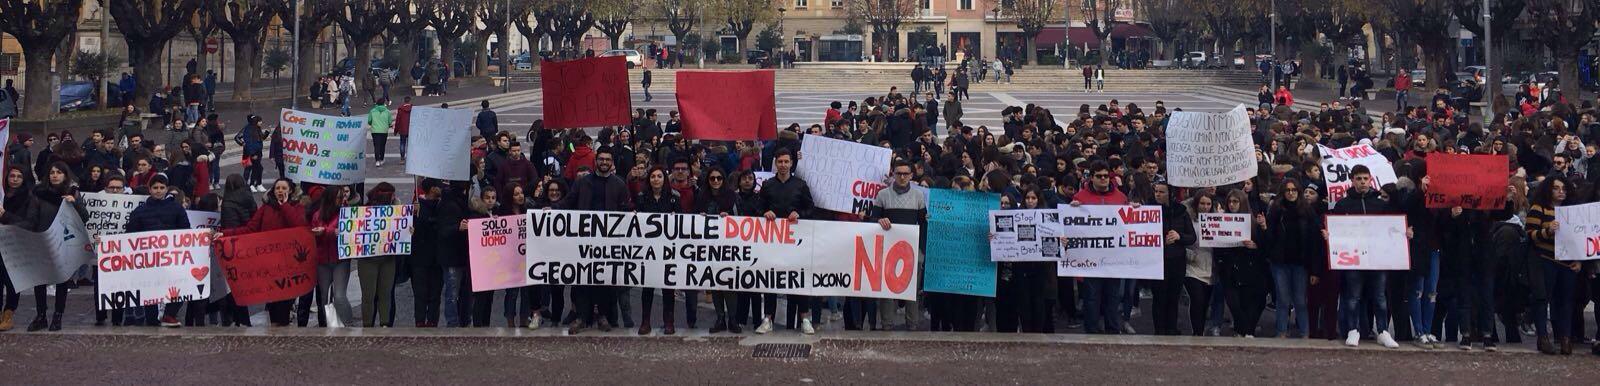 25 novembre: studenti avezzanesi manifestano contro la violenza sulle donne   VIDEO